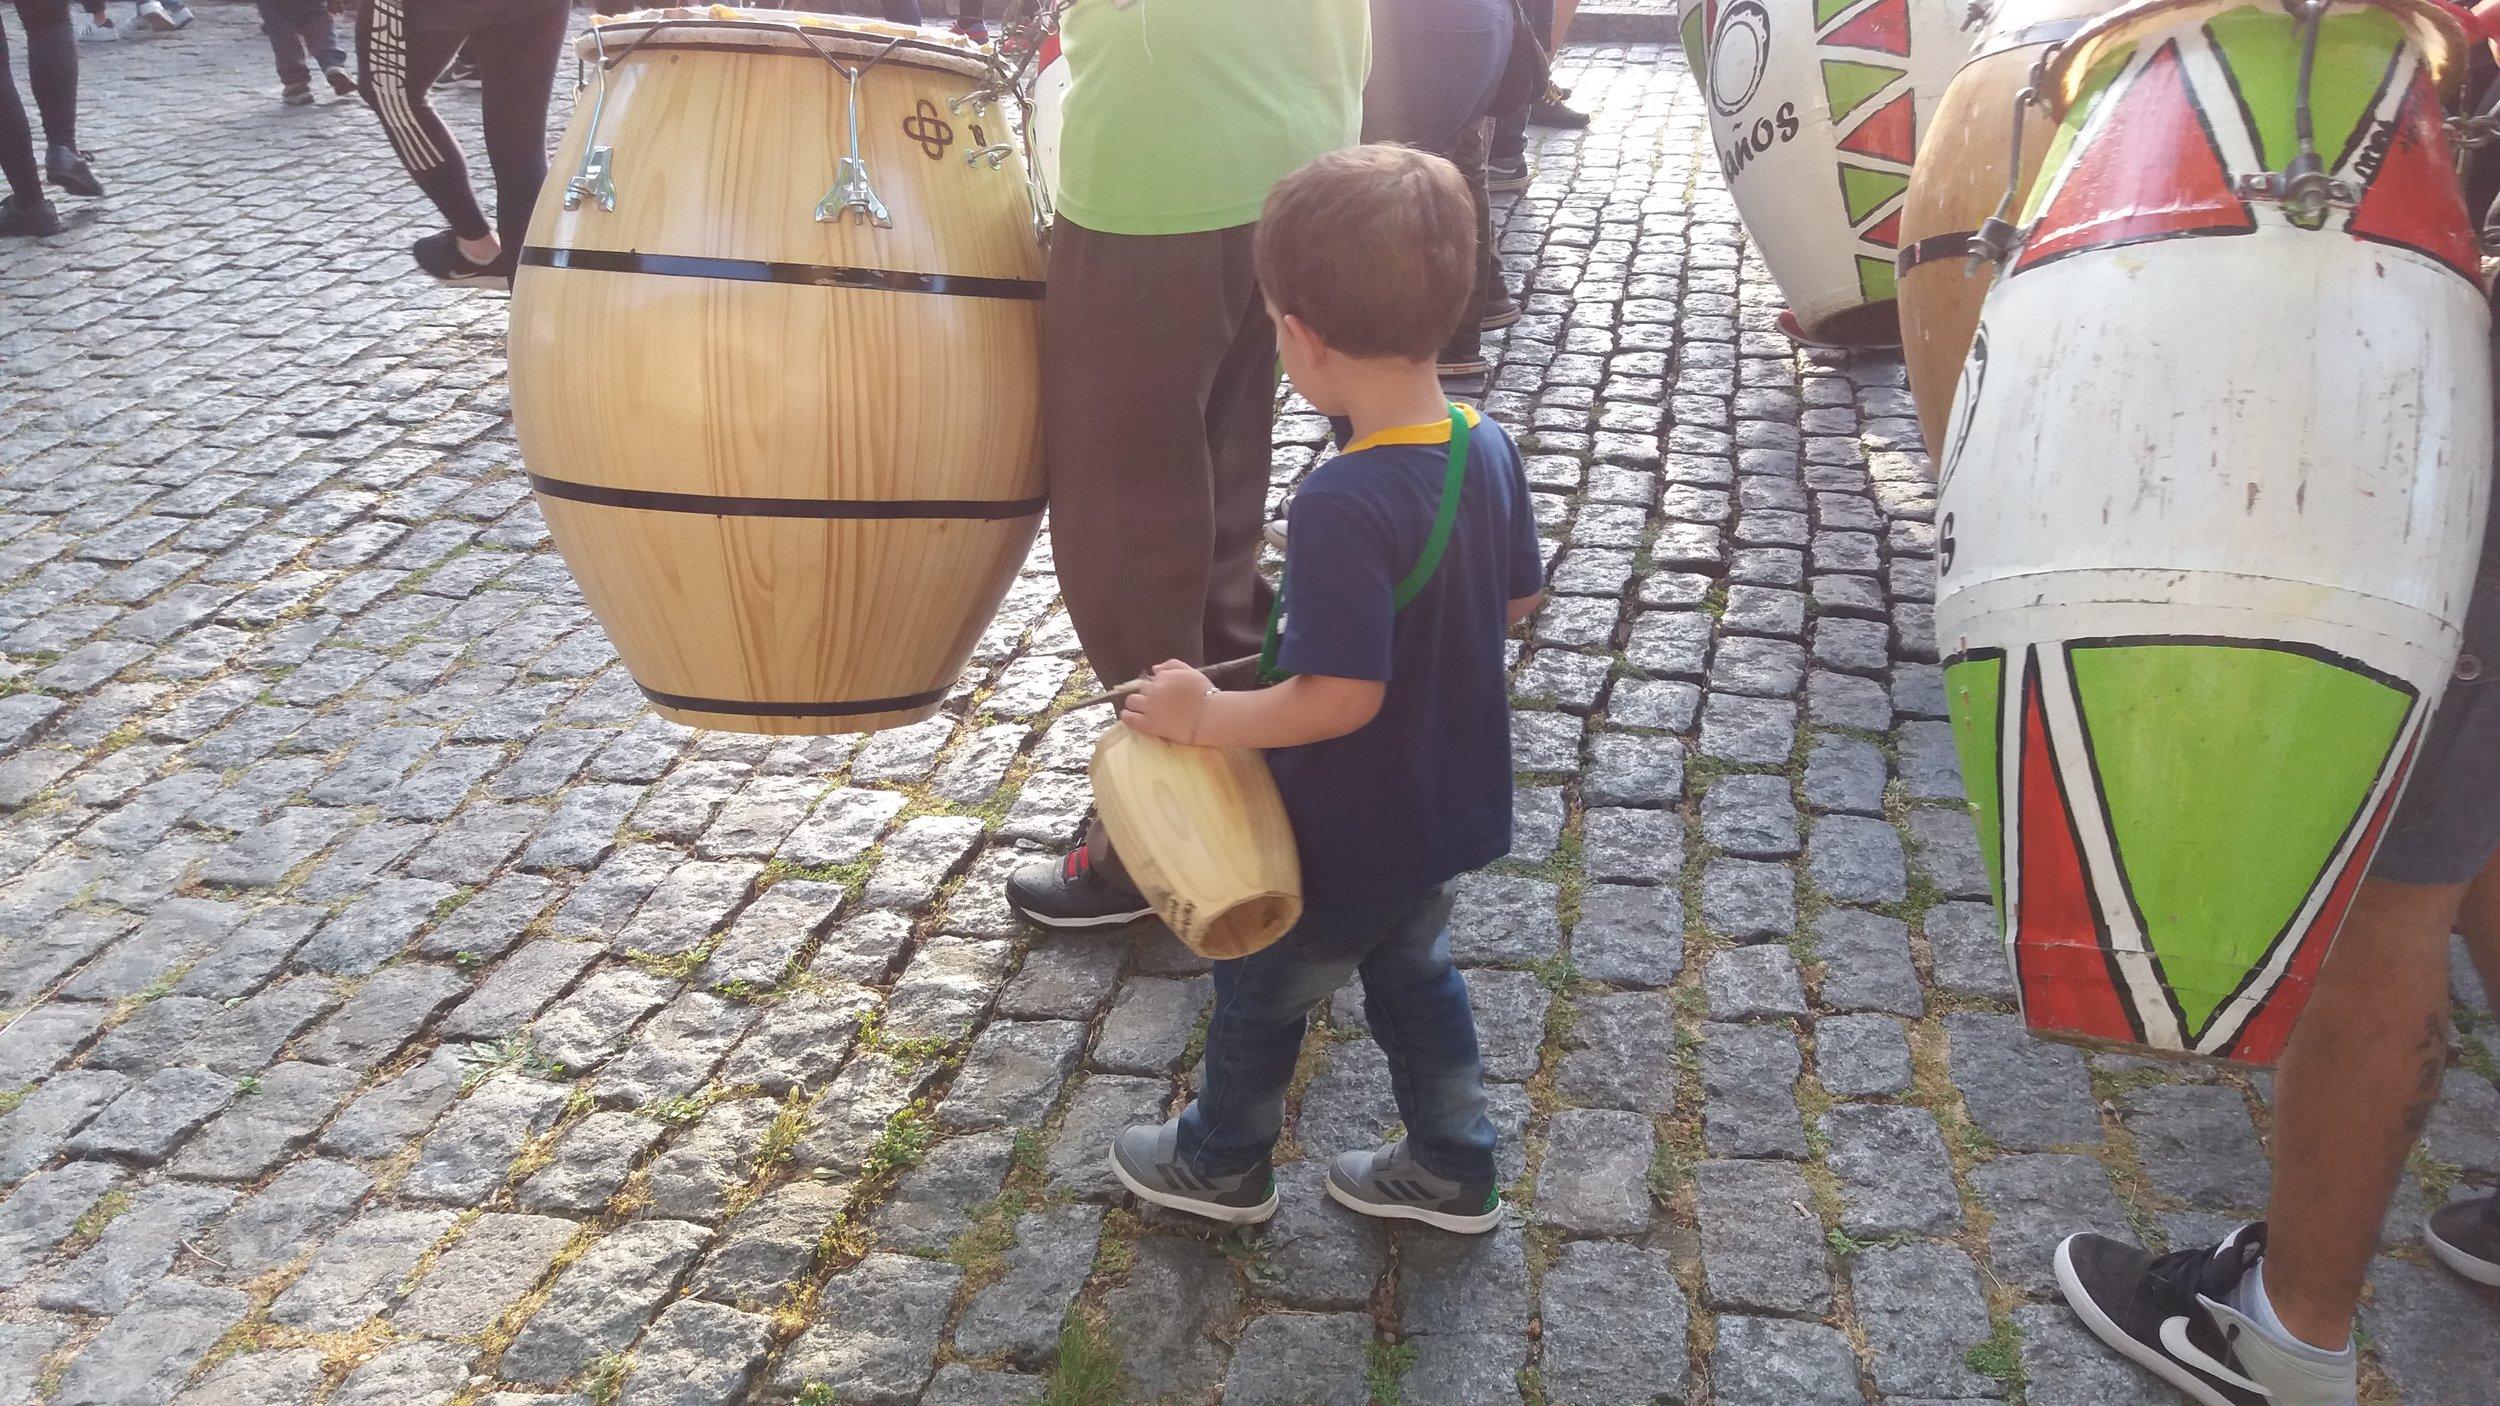 Este pequeño iba acompañando a su padre en las percusiones y su madre en el baile.